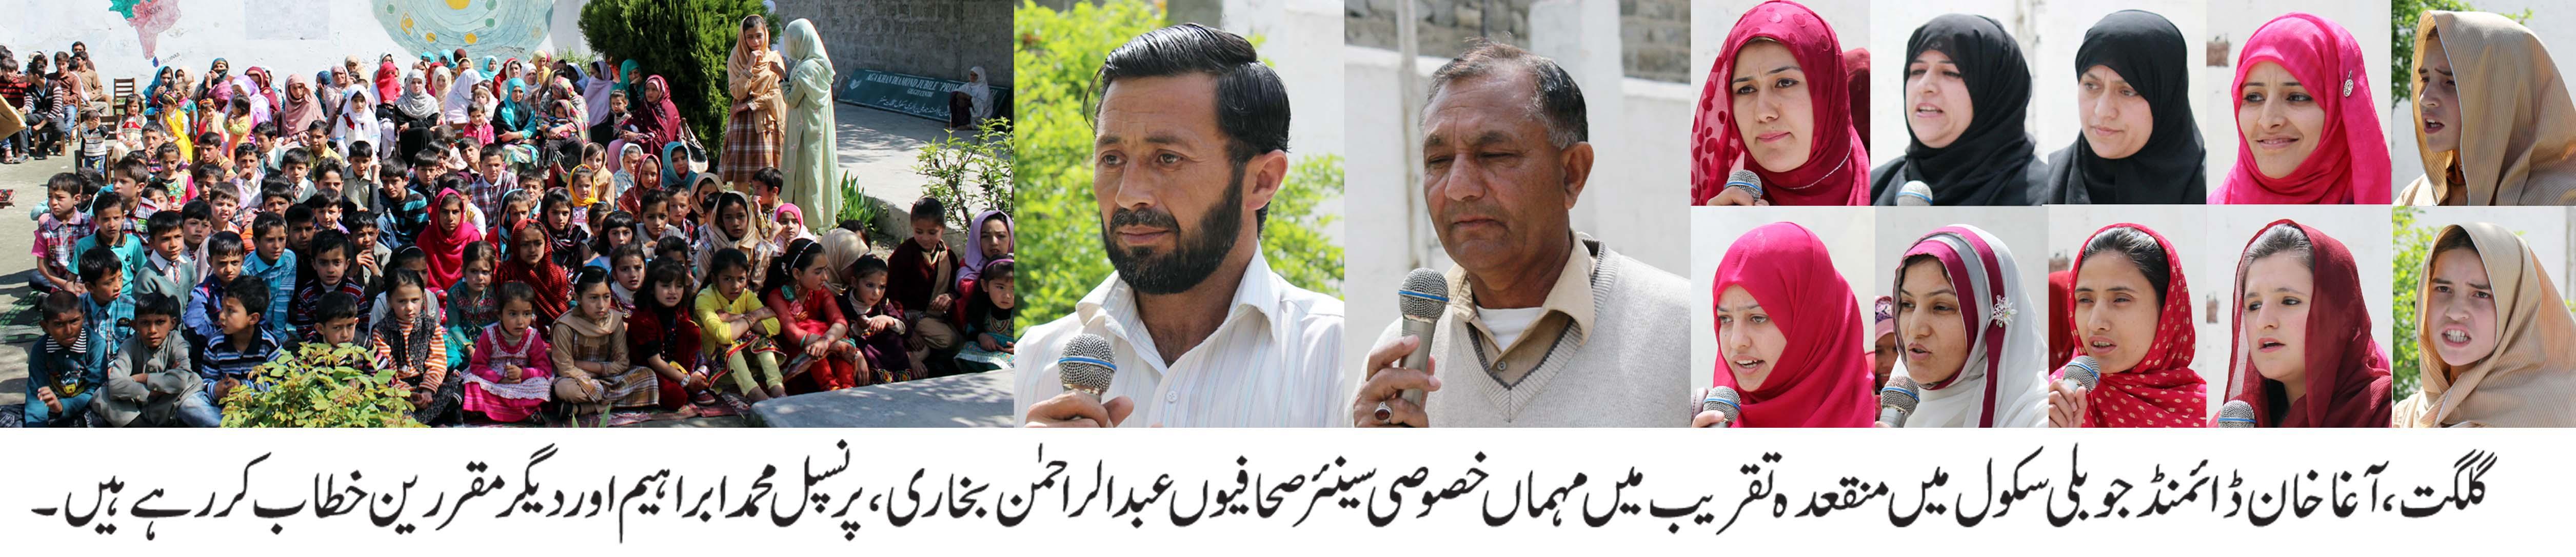 آغا خان ڈائمنڈ جوبلی سکول نگرل میں سالانہ نتائج کا اعلان، مجموعی نتیجہ ٩٦ فیصد